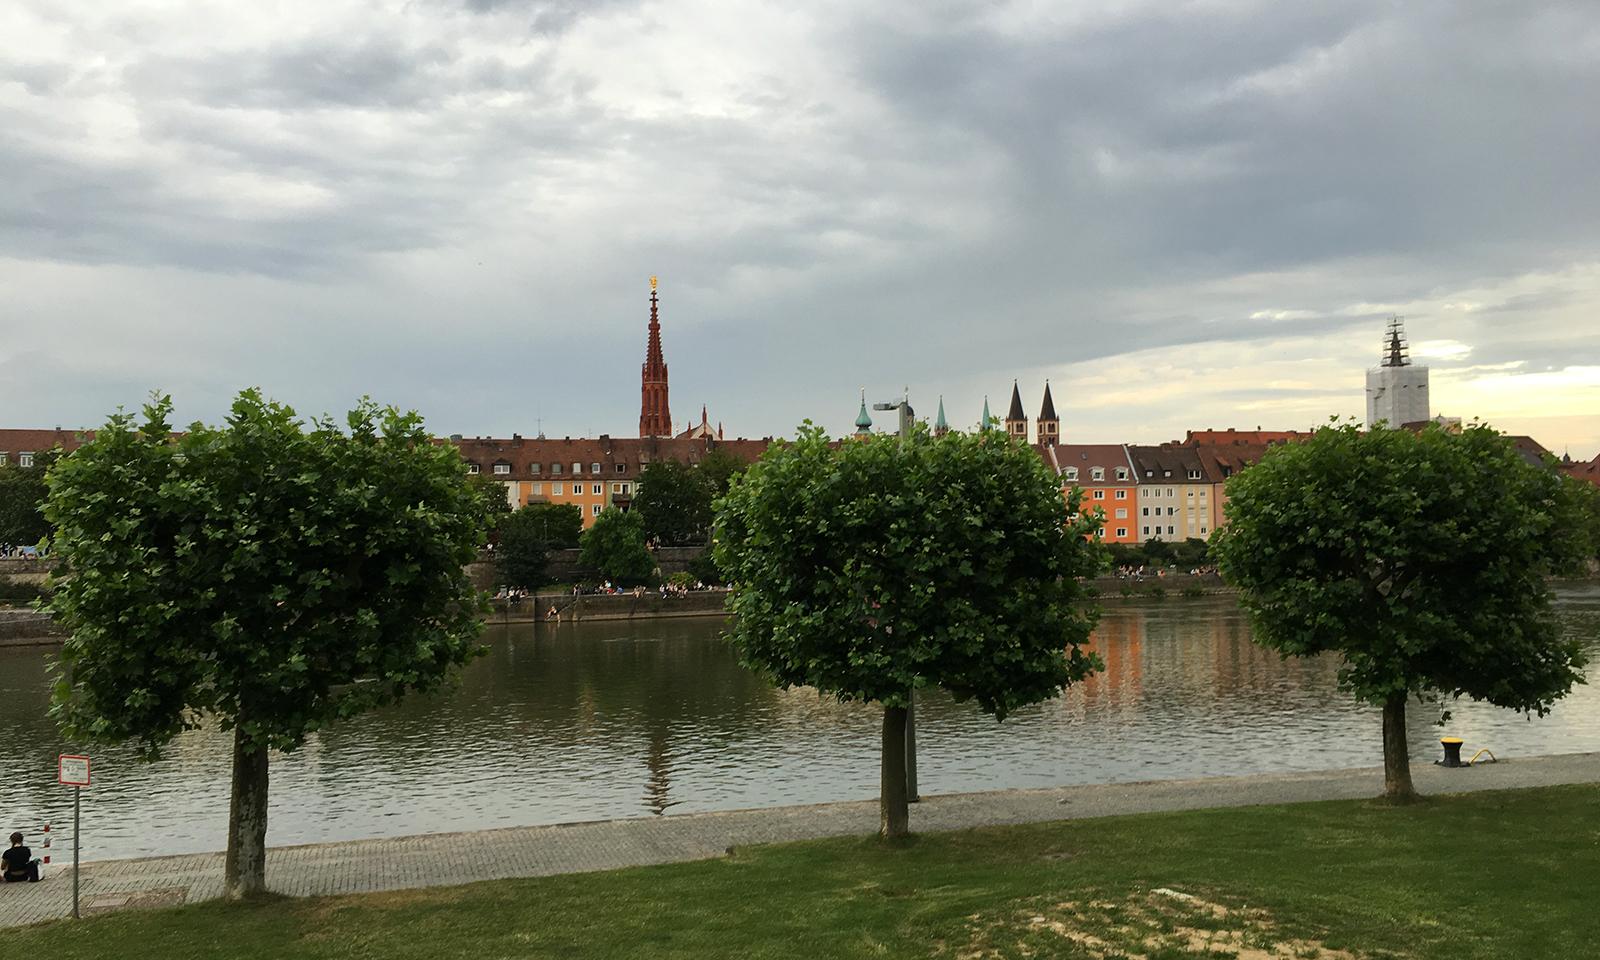 City of Wurzburg